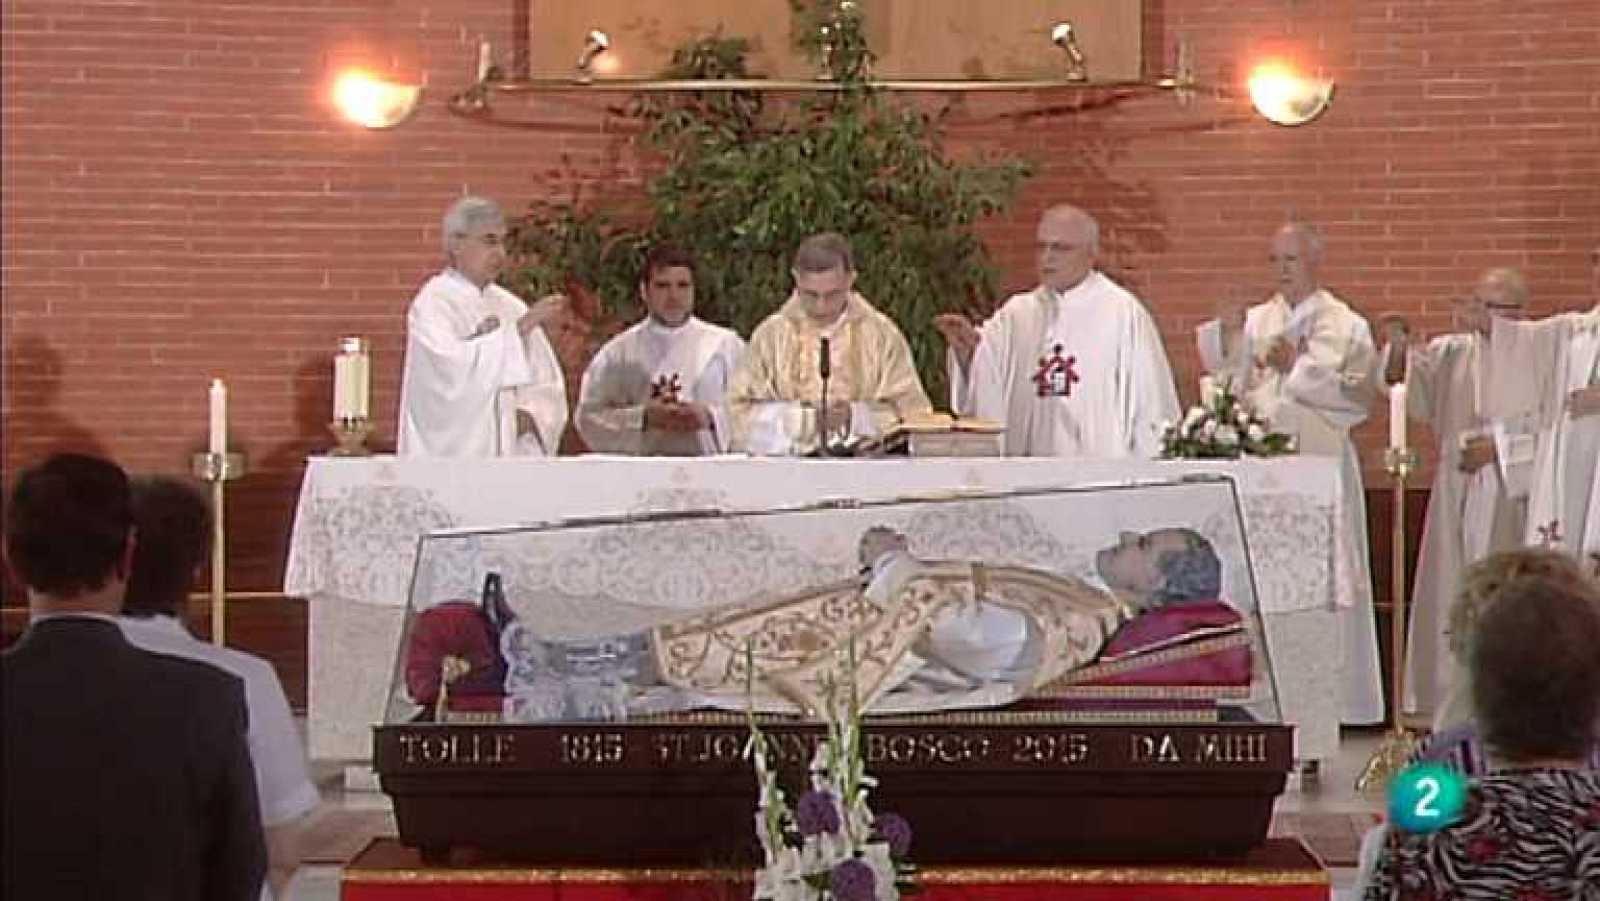 El día del Señor - Parroquia de San Juan Bosco - Ver ahora